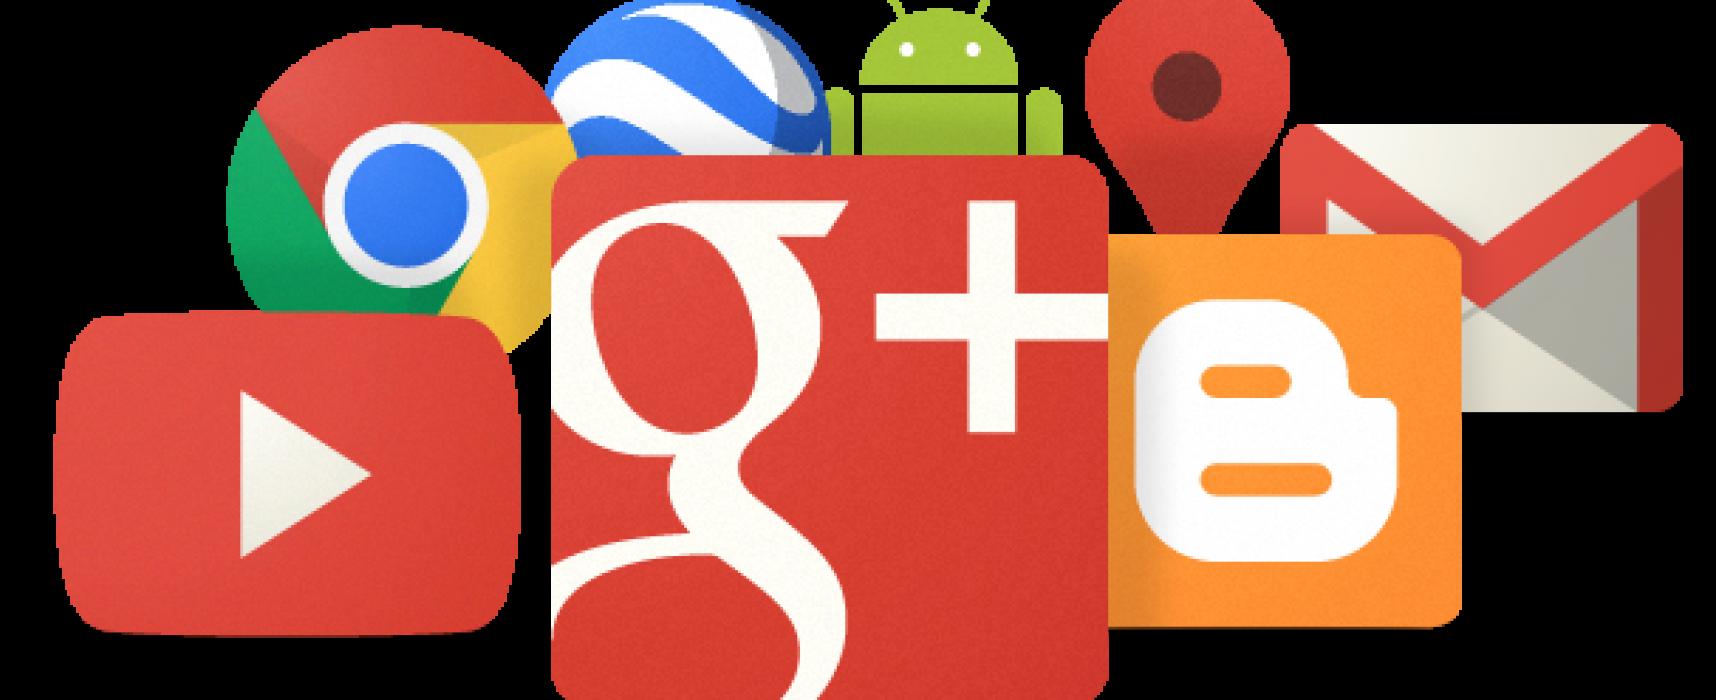 Google descubre propaganda rusa en YouTube, Gmail y DoubleClick que impactó en las elecciones de EE.UU.